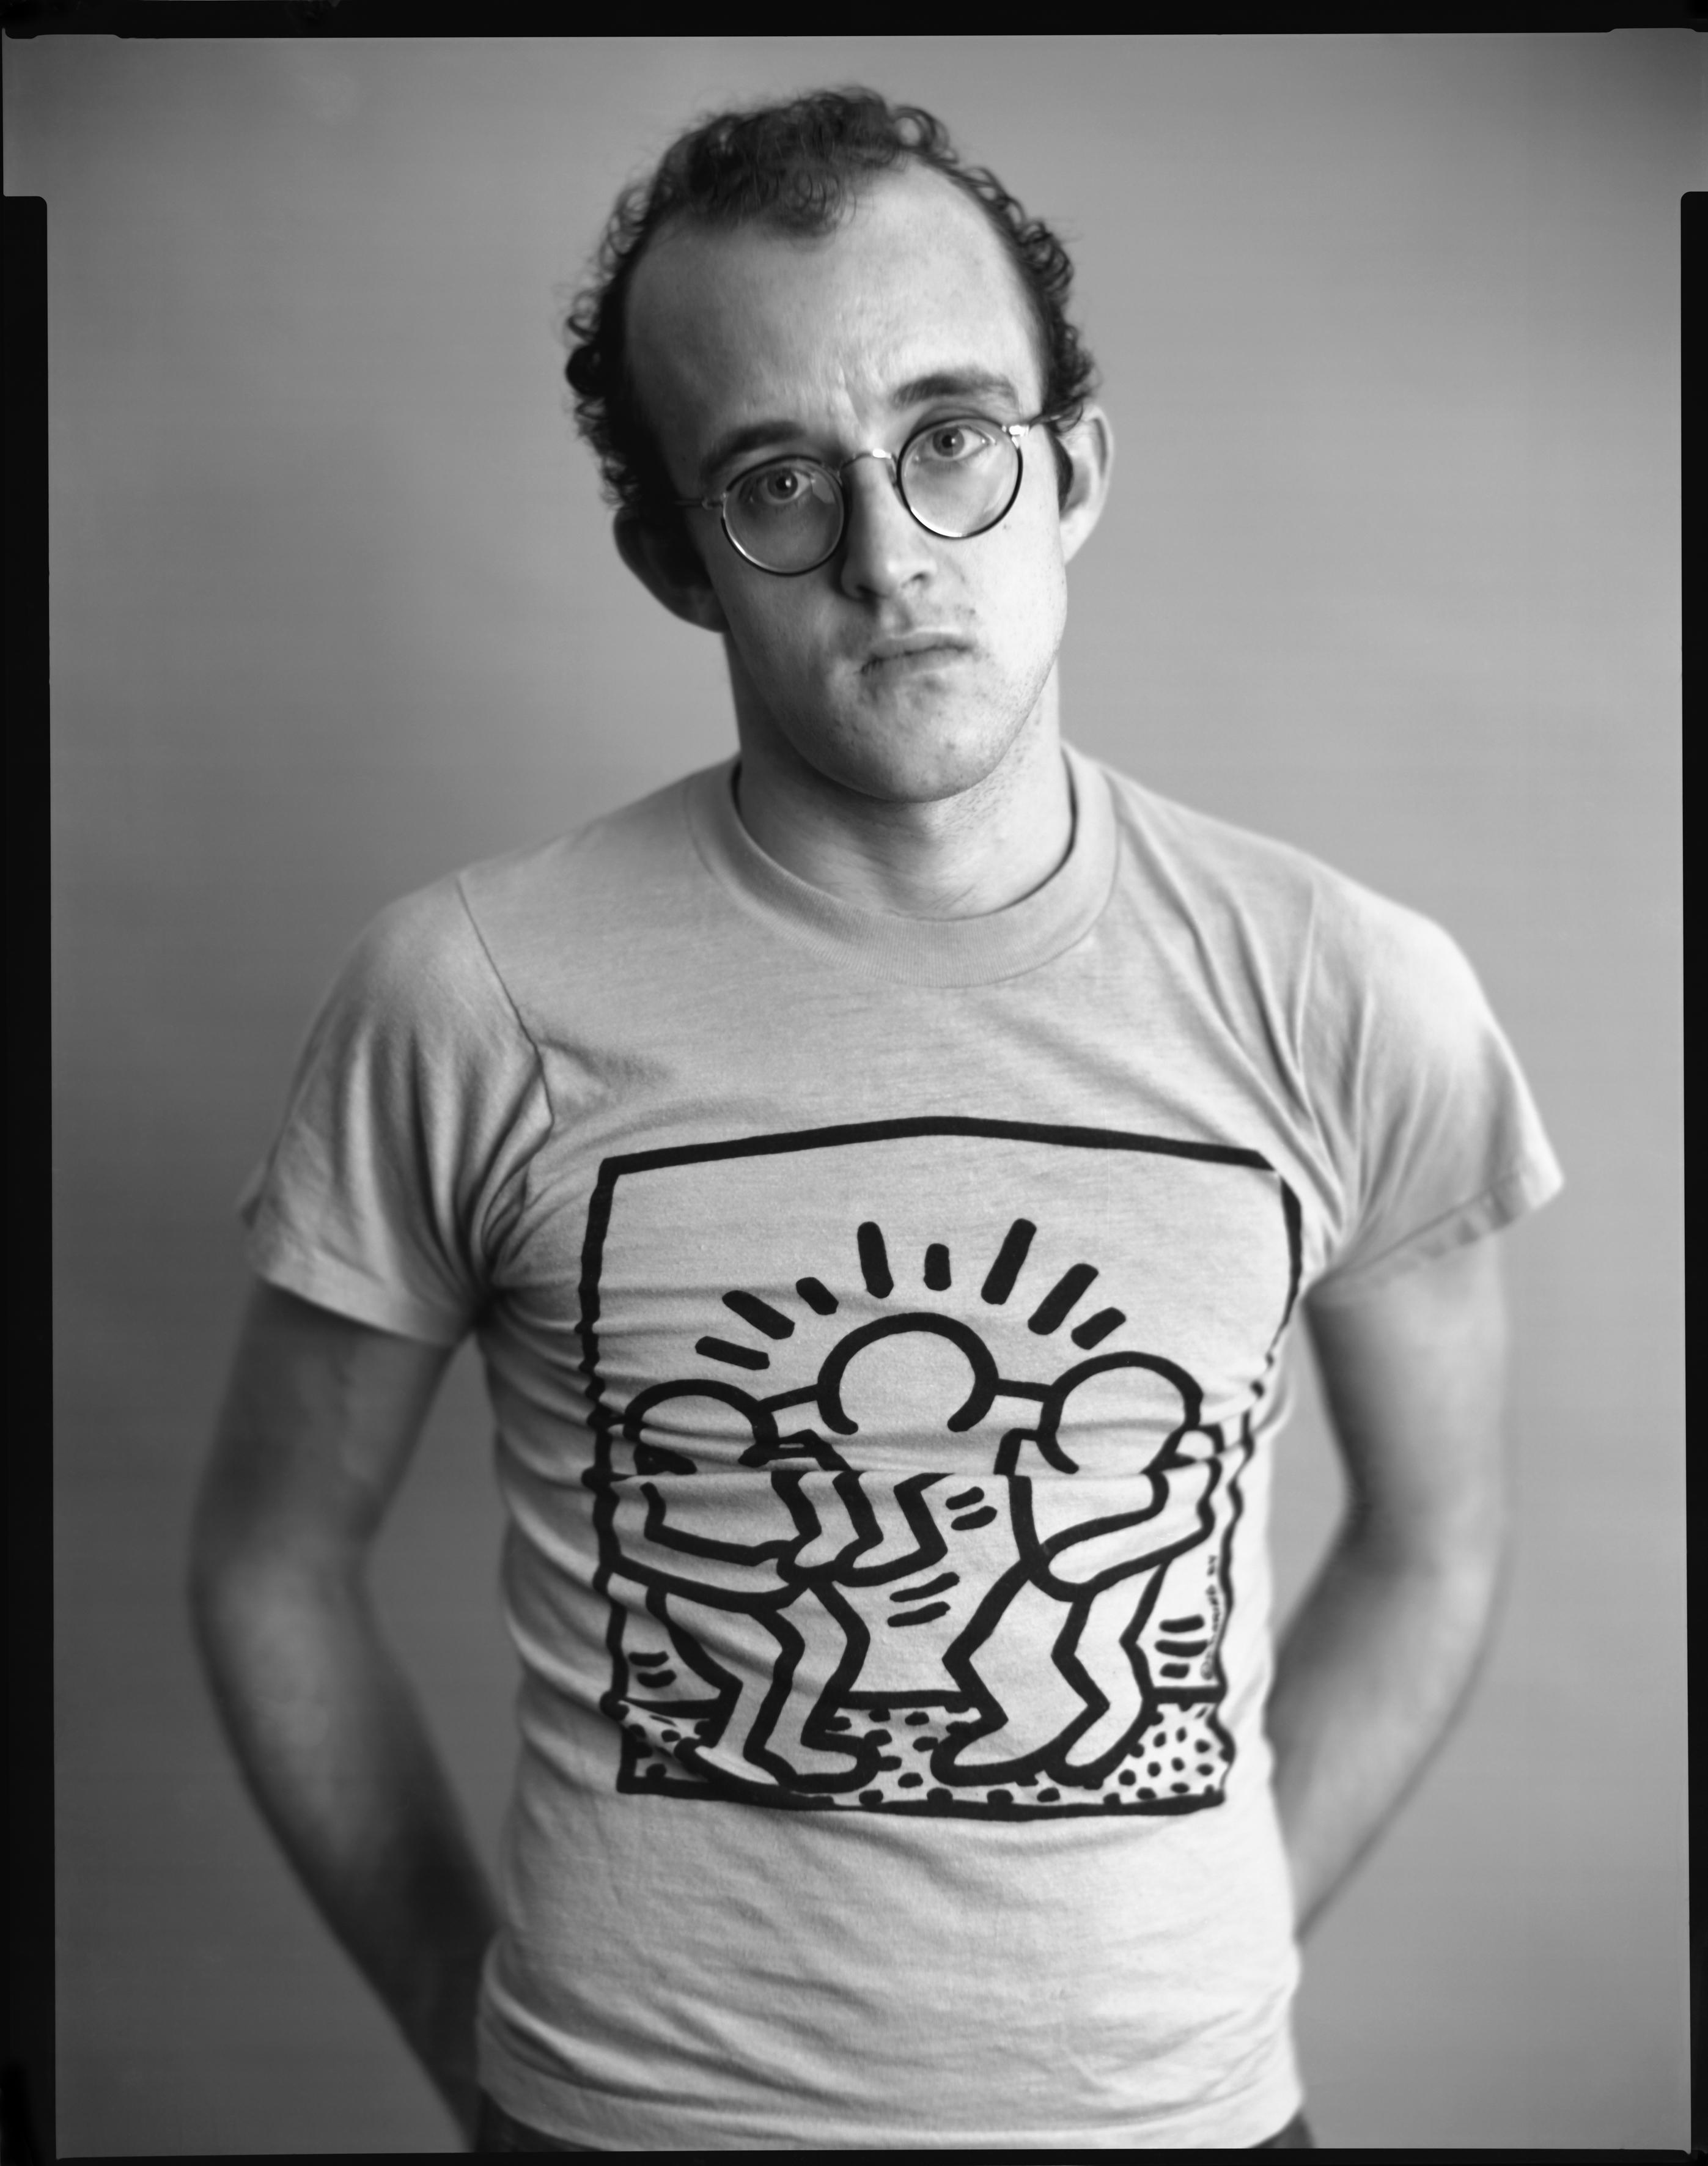 Keith Haring in un ritratto di Timothy Greenfield Sanders 1986 stampa a contatto 28x36 cm